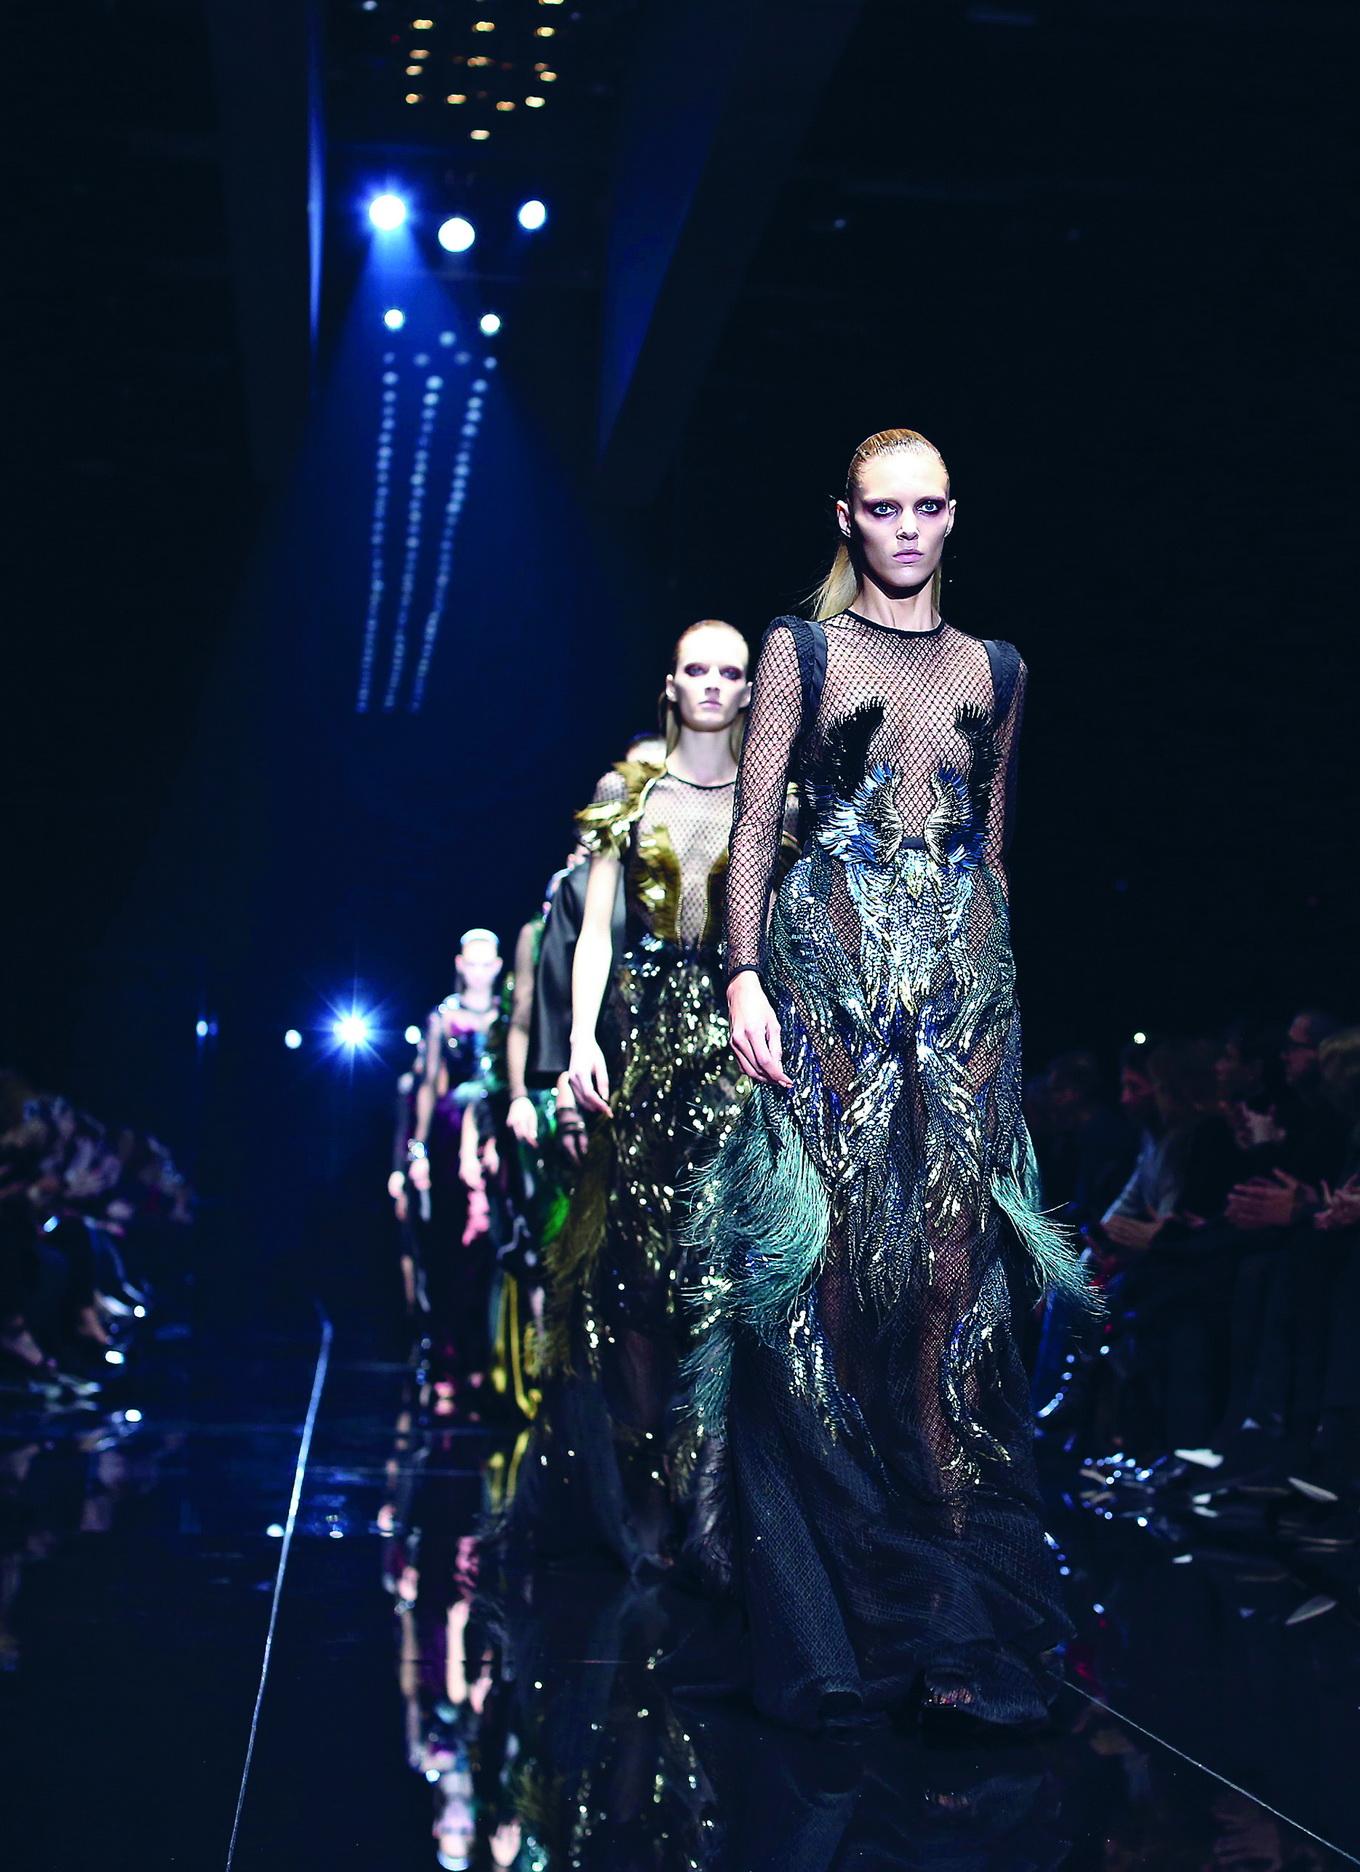 Gucci <br/>Người mẫu của Gucci bước ra trong những thiết kế quyến rũ, lấy cảm hứng từ thời trang thập niên 40, tựa những thiên thần của bóng đêm. BST